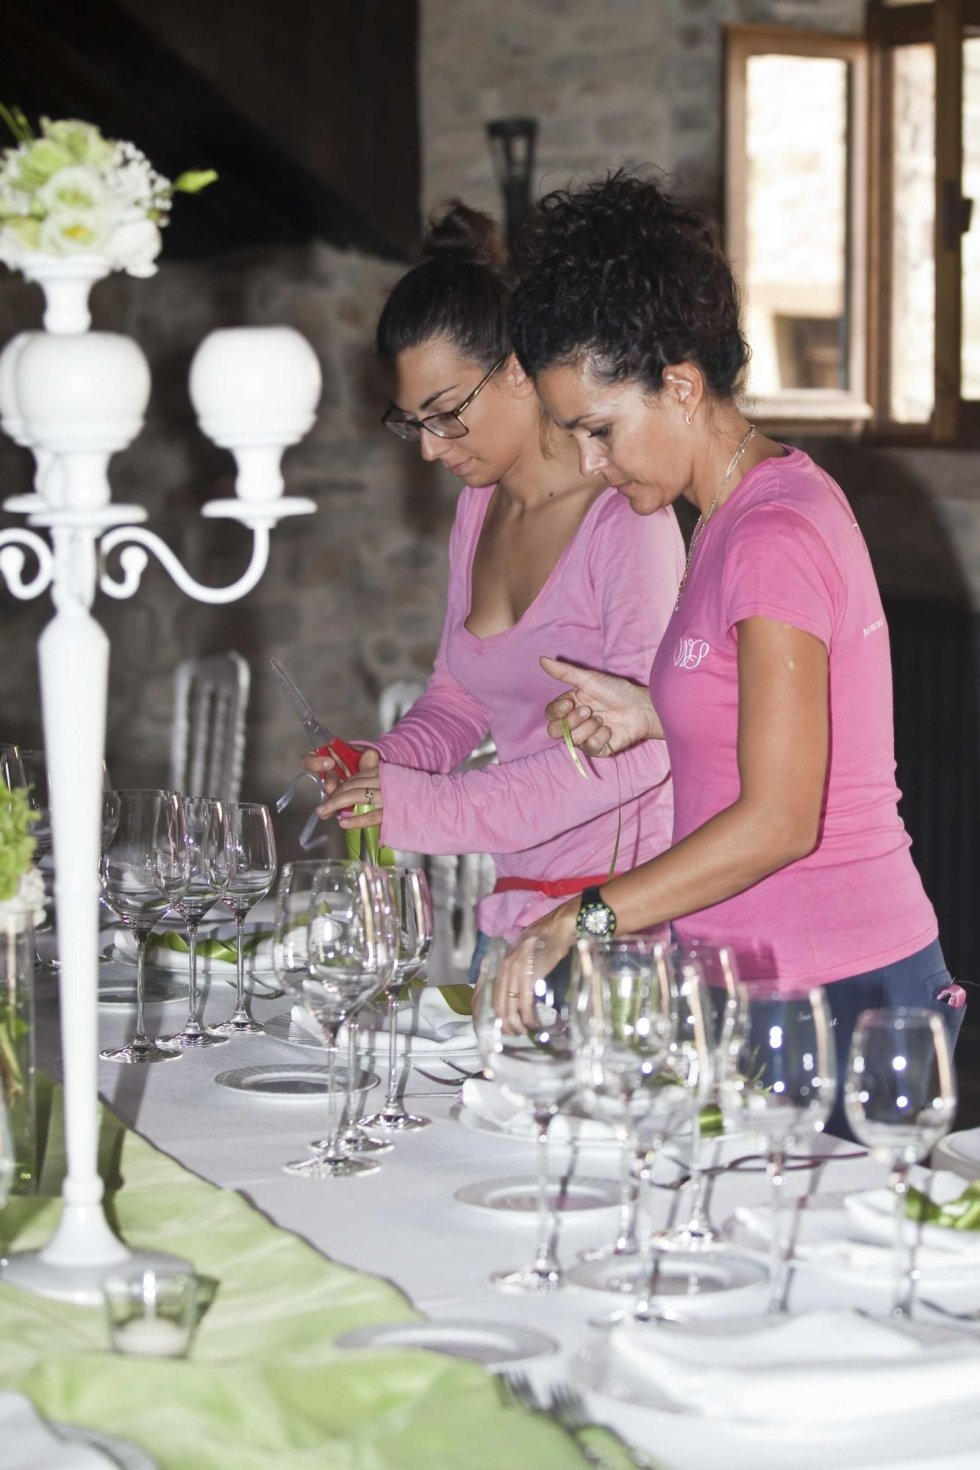 wedding handmade luxury decorations